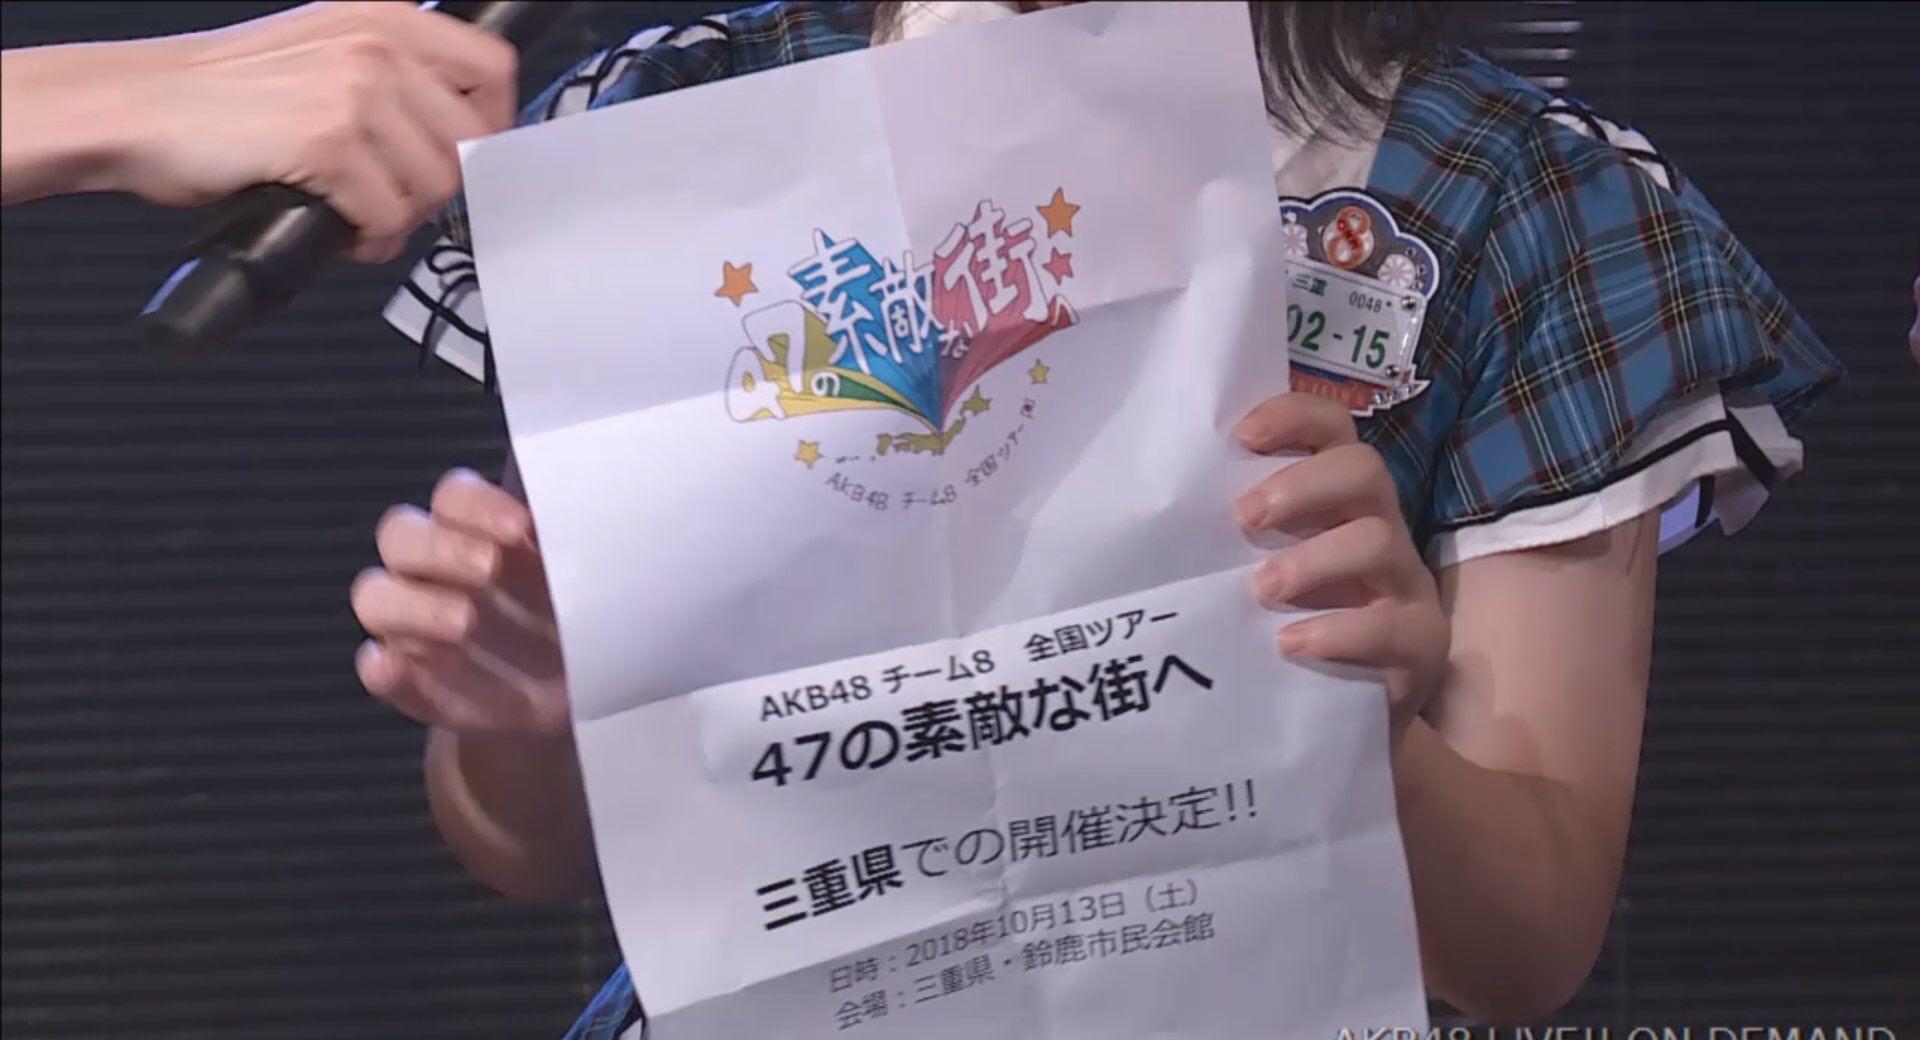 【朗報】 チーム8 全国ツアー 10/13 三重県で開催 決定!! 【鈴鹿市民会館】